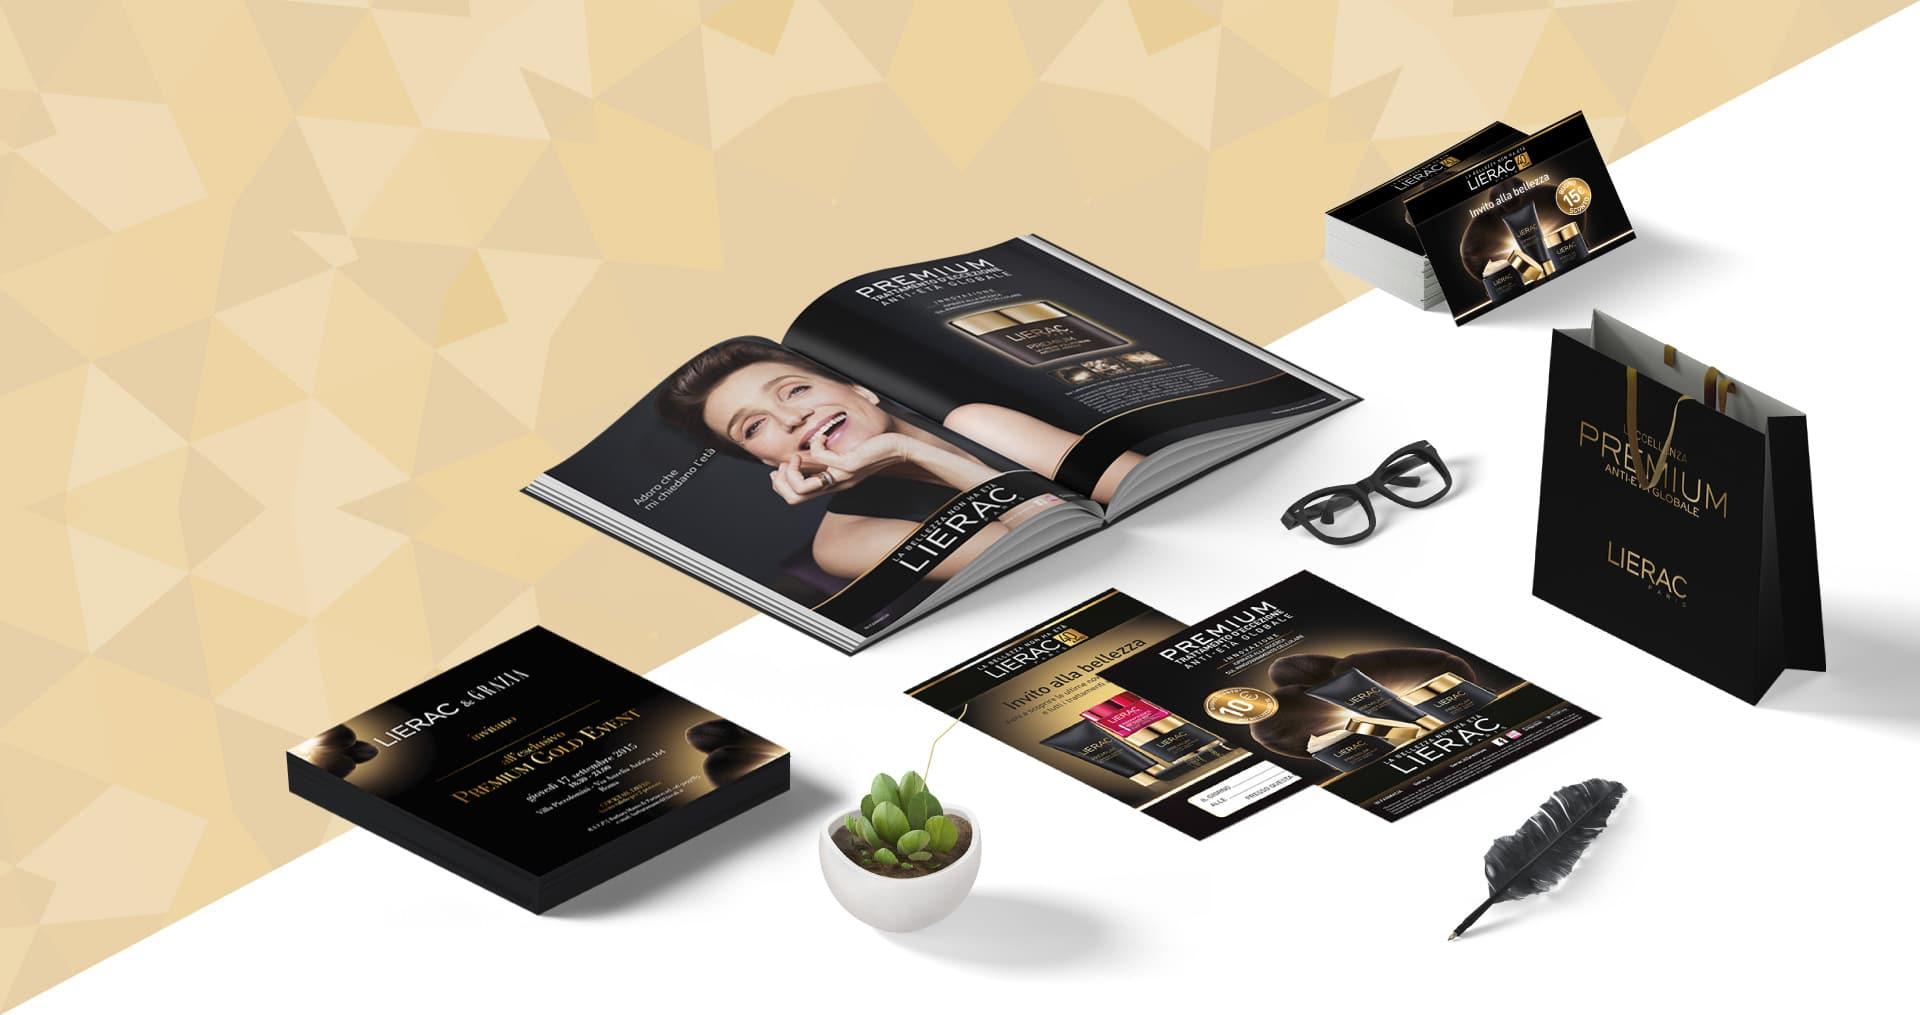 Lierac Premium Campaign